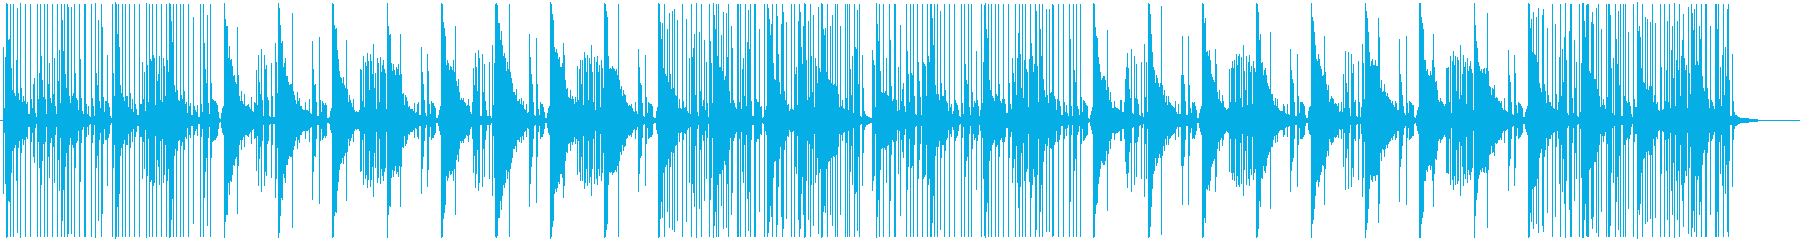 ゆったりとしたハウスミュージックの再生済みの波形